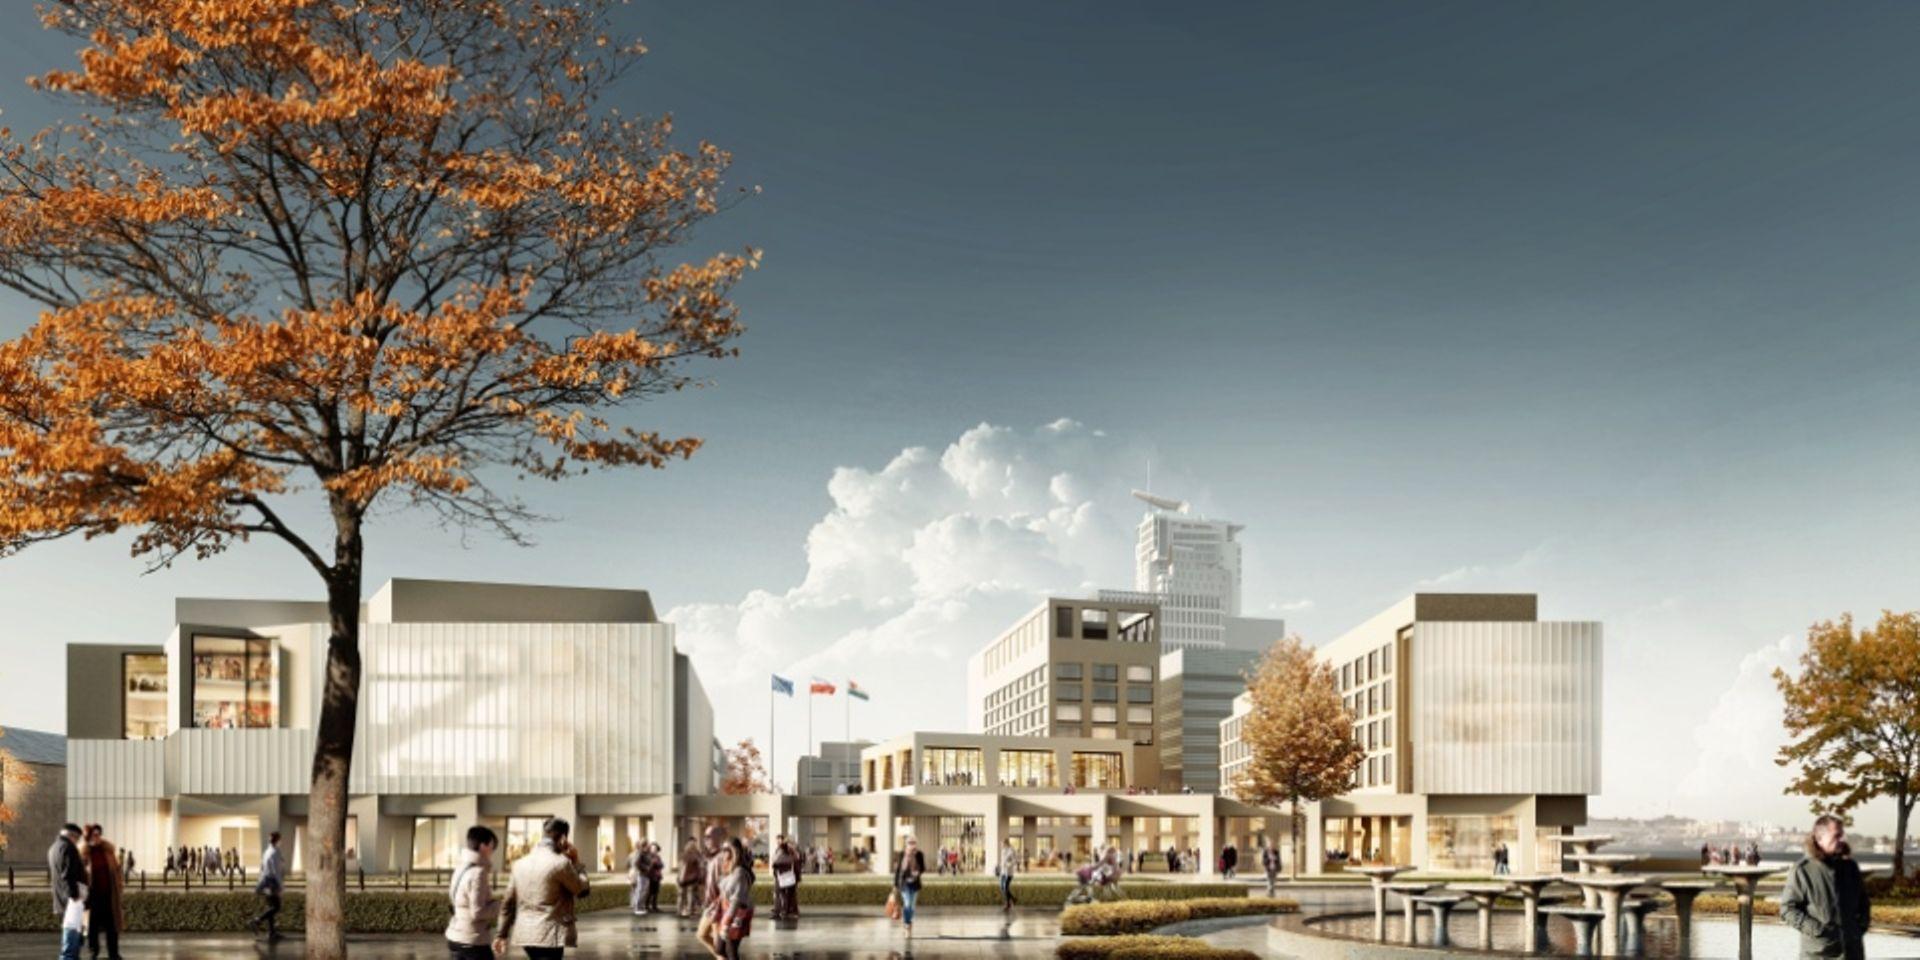 Vastint rusza z budową drugiego etapu kompleksu Waterfront w Gdyni